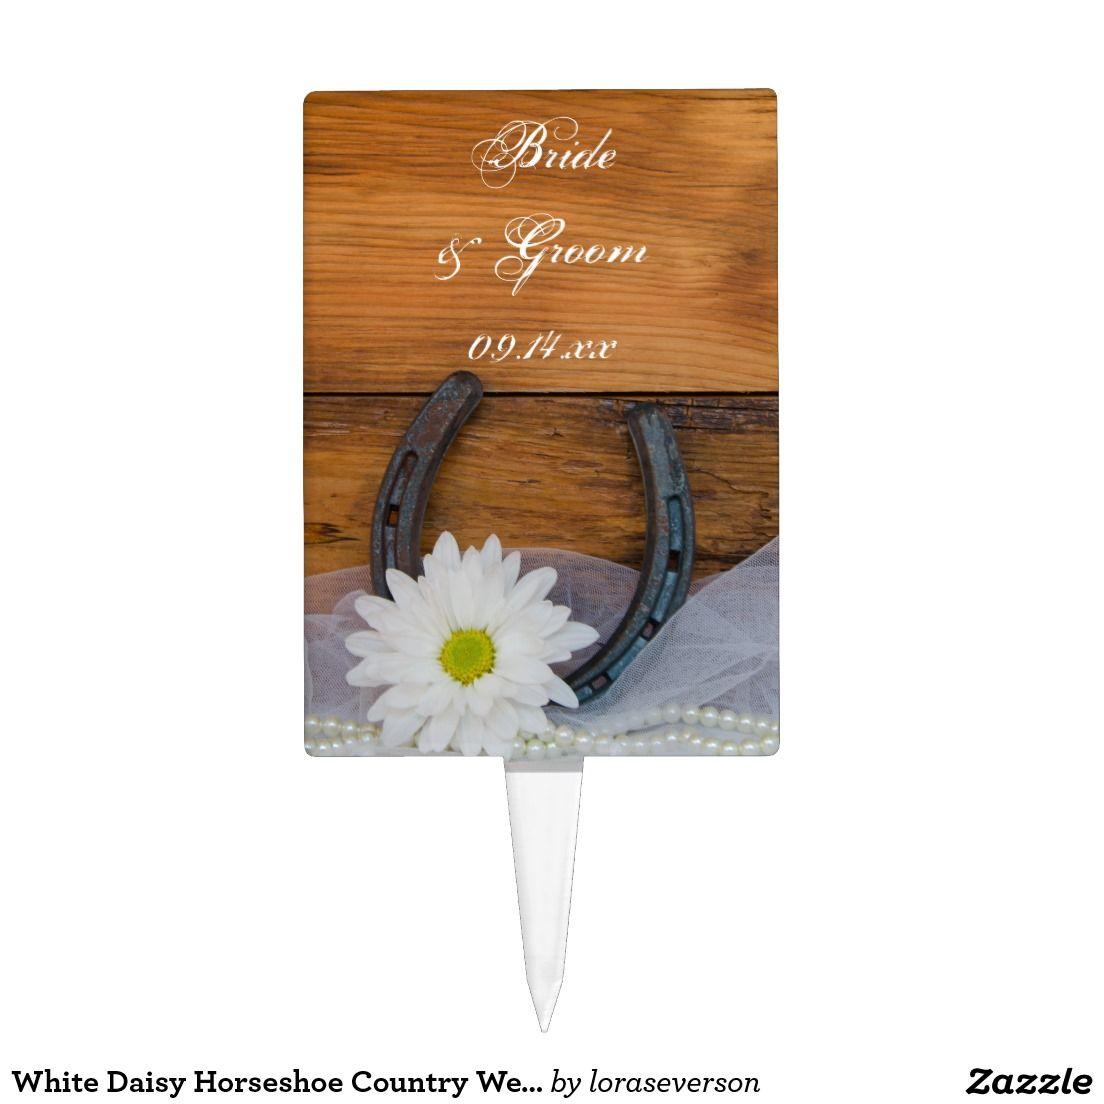 White Daisy Horseshoe Country Wedding Cake Topper